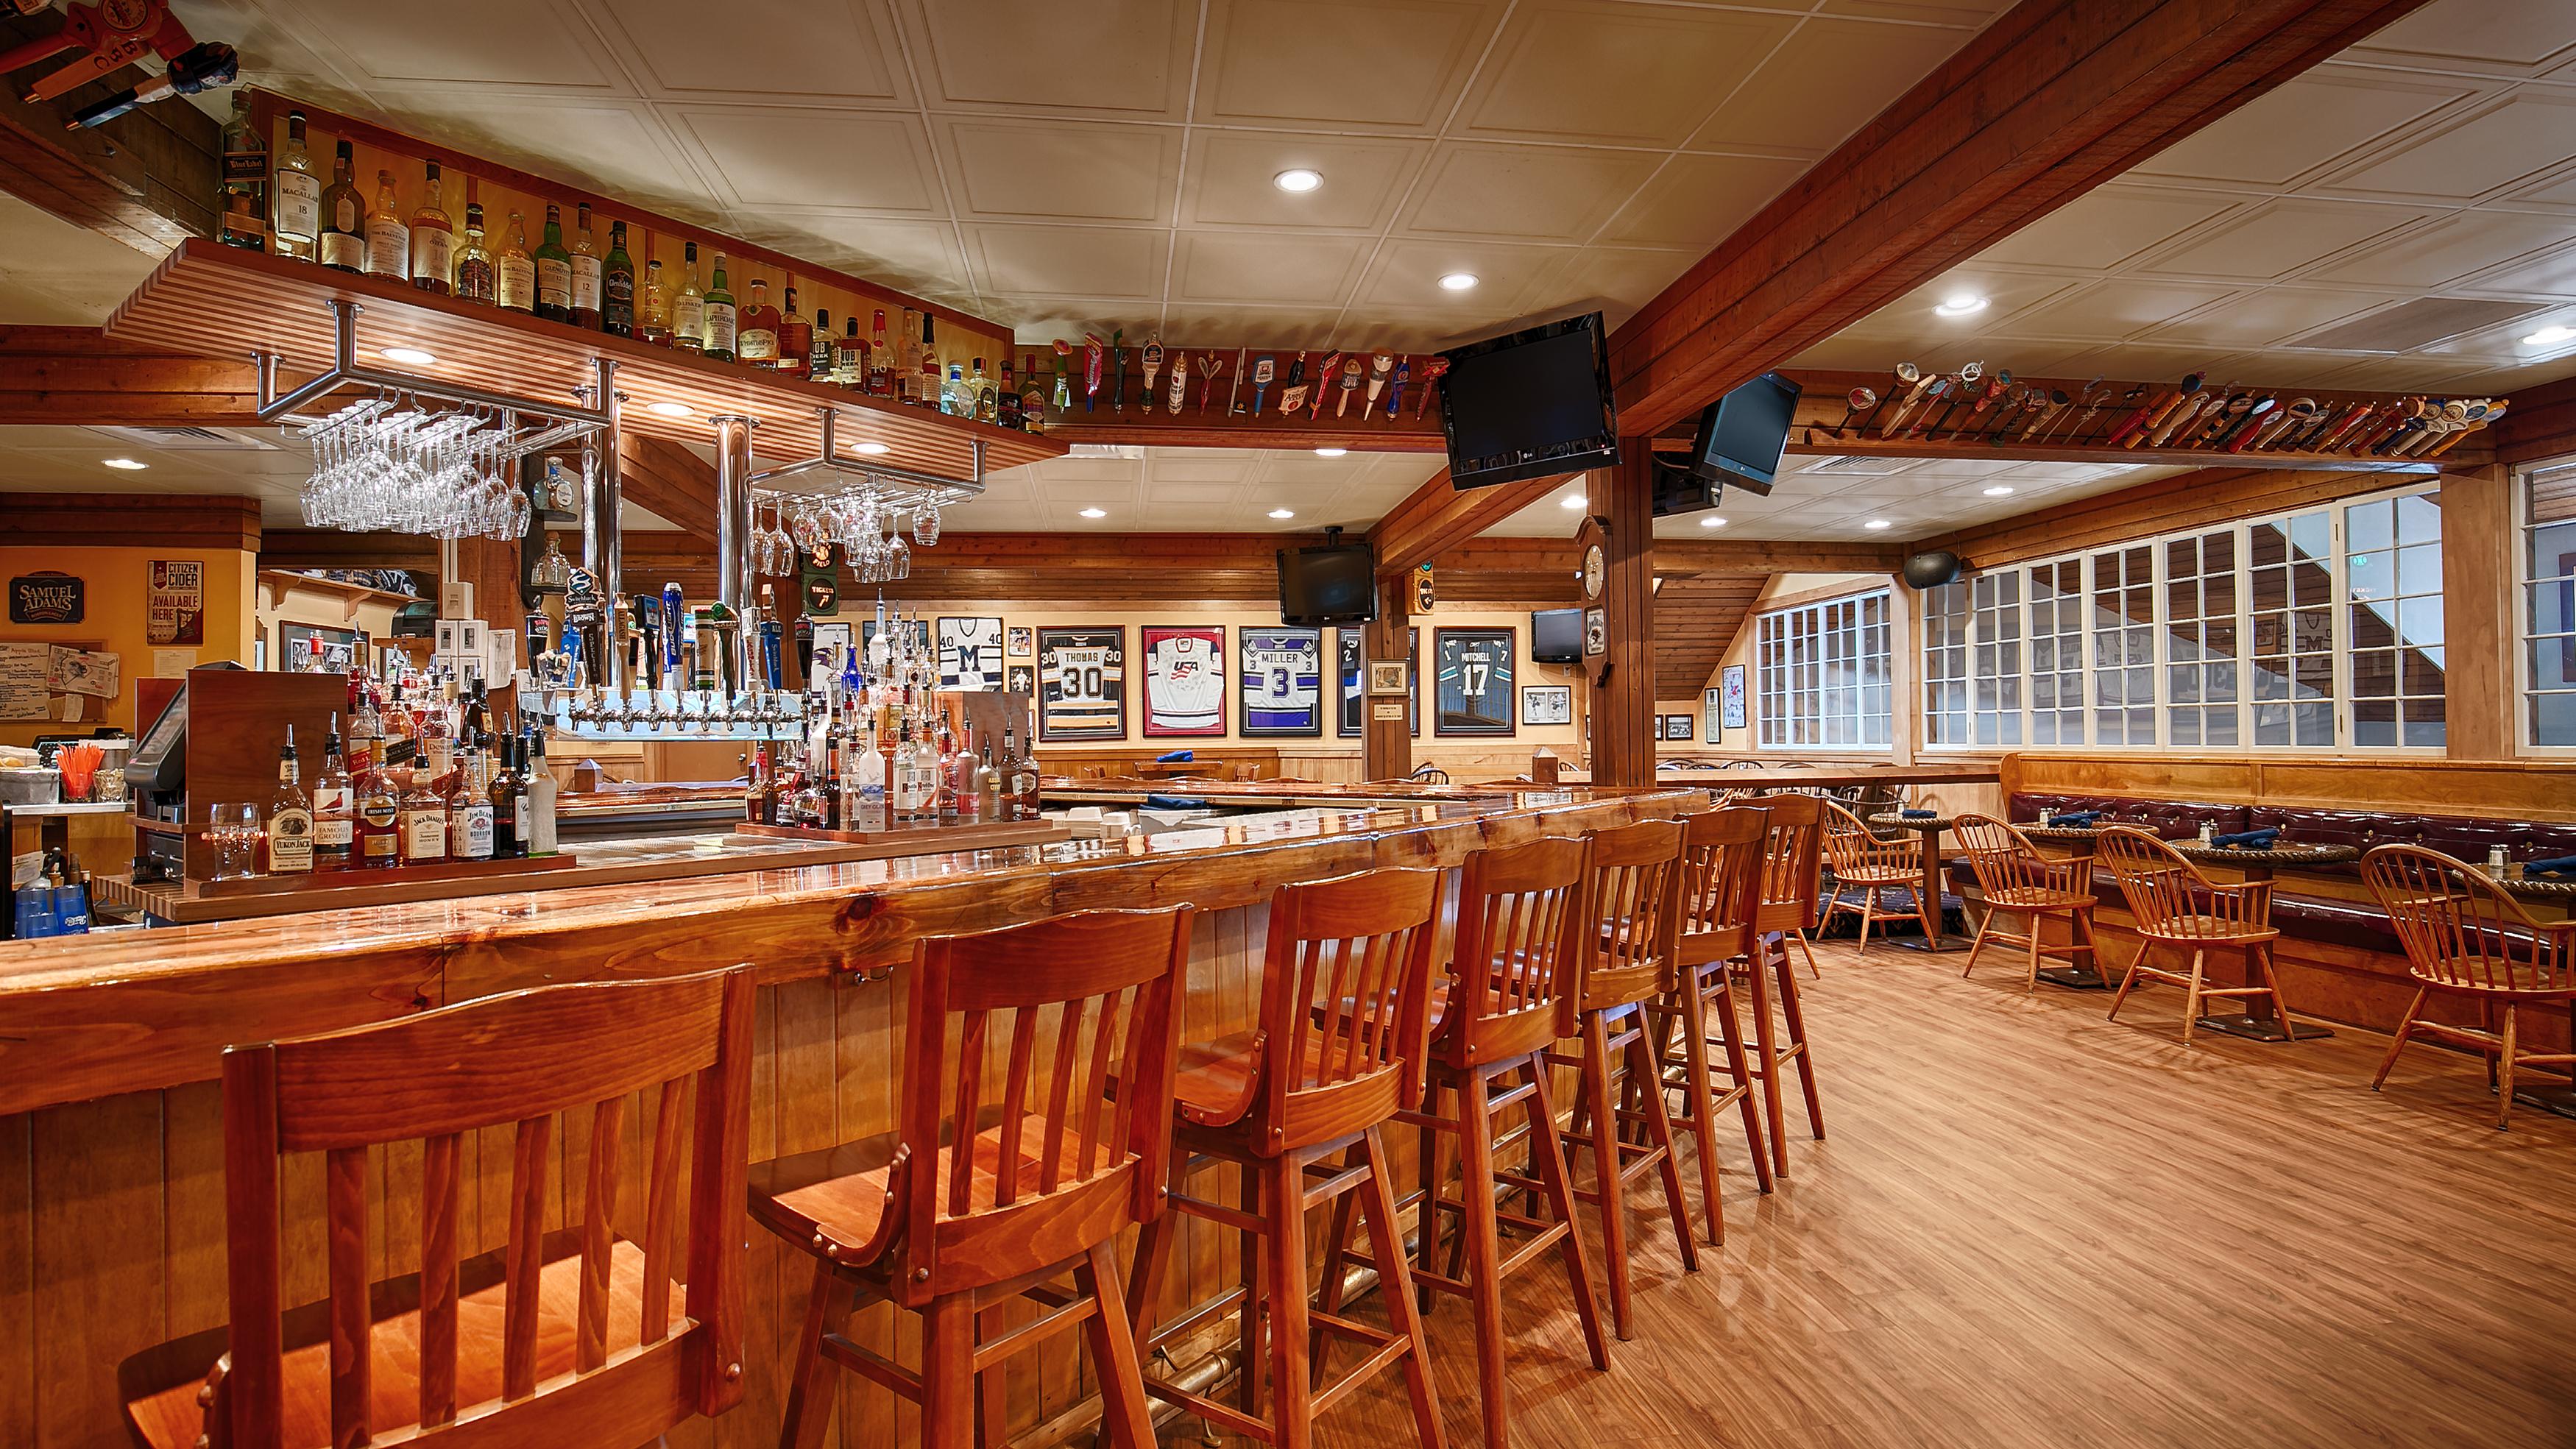 Best western plus windjammer inn conference ctr for Cabins burlington vt